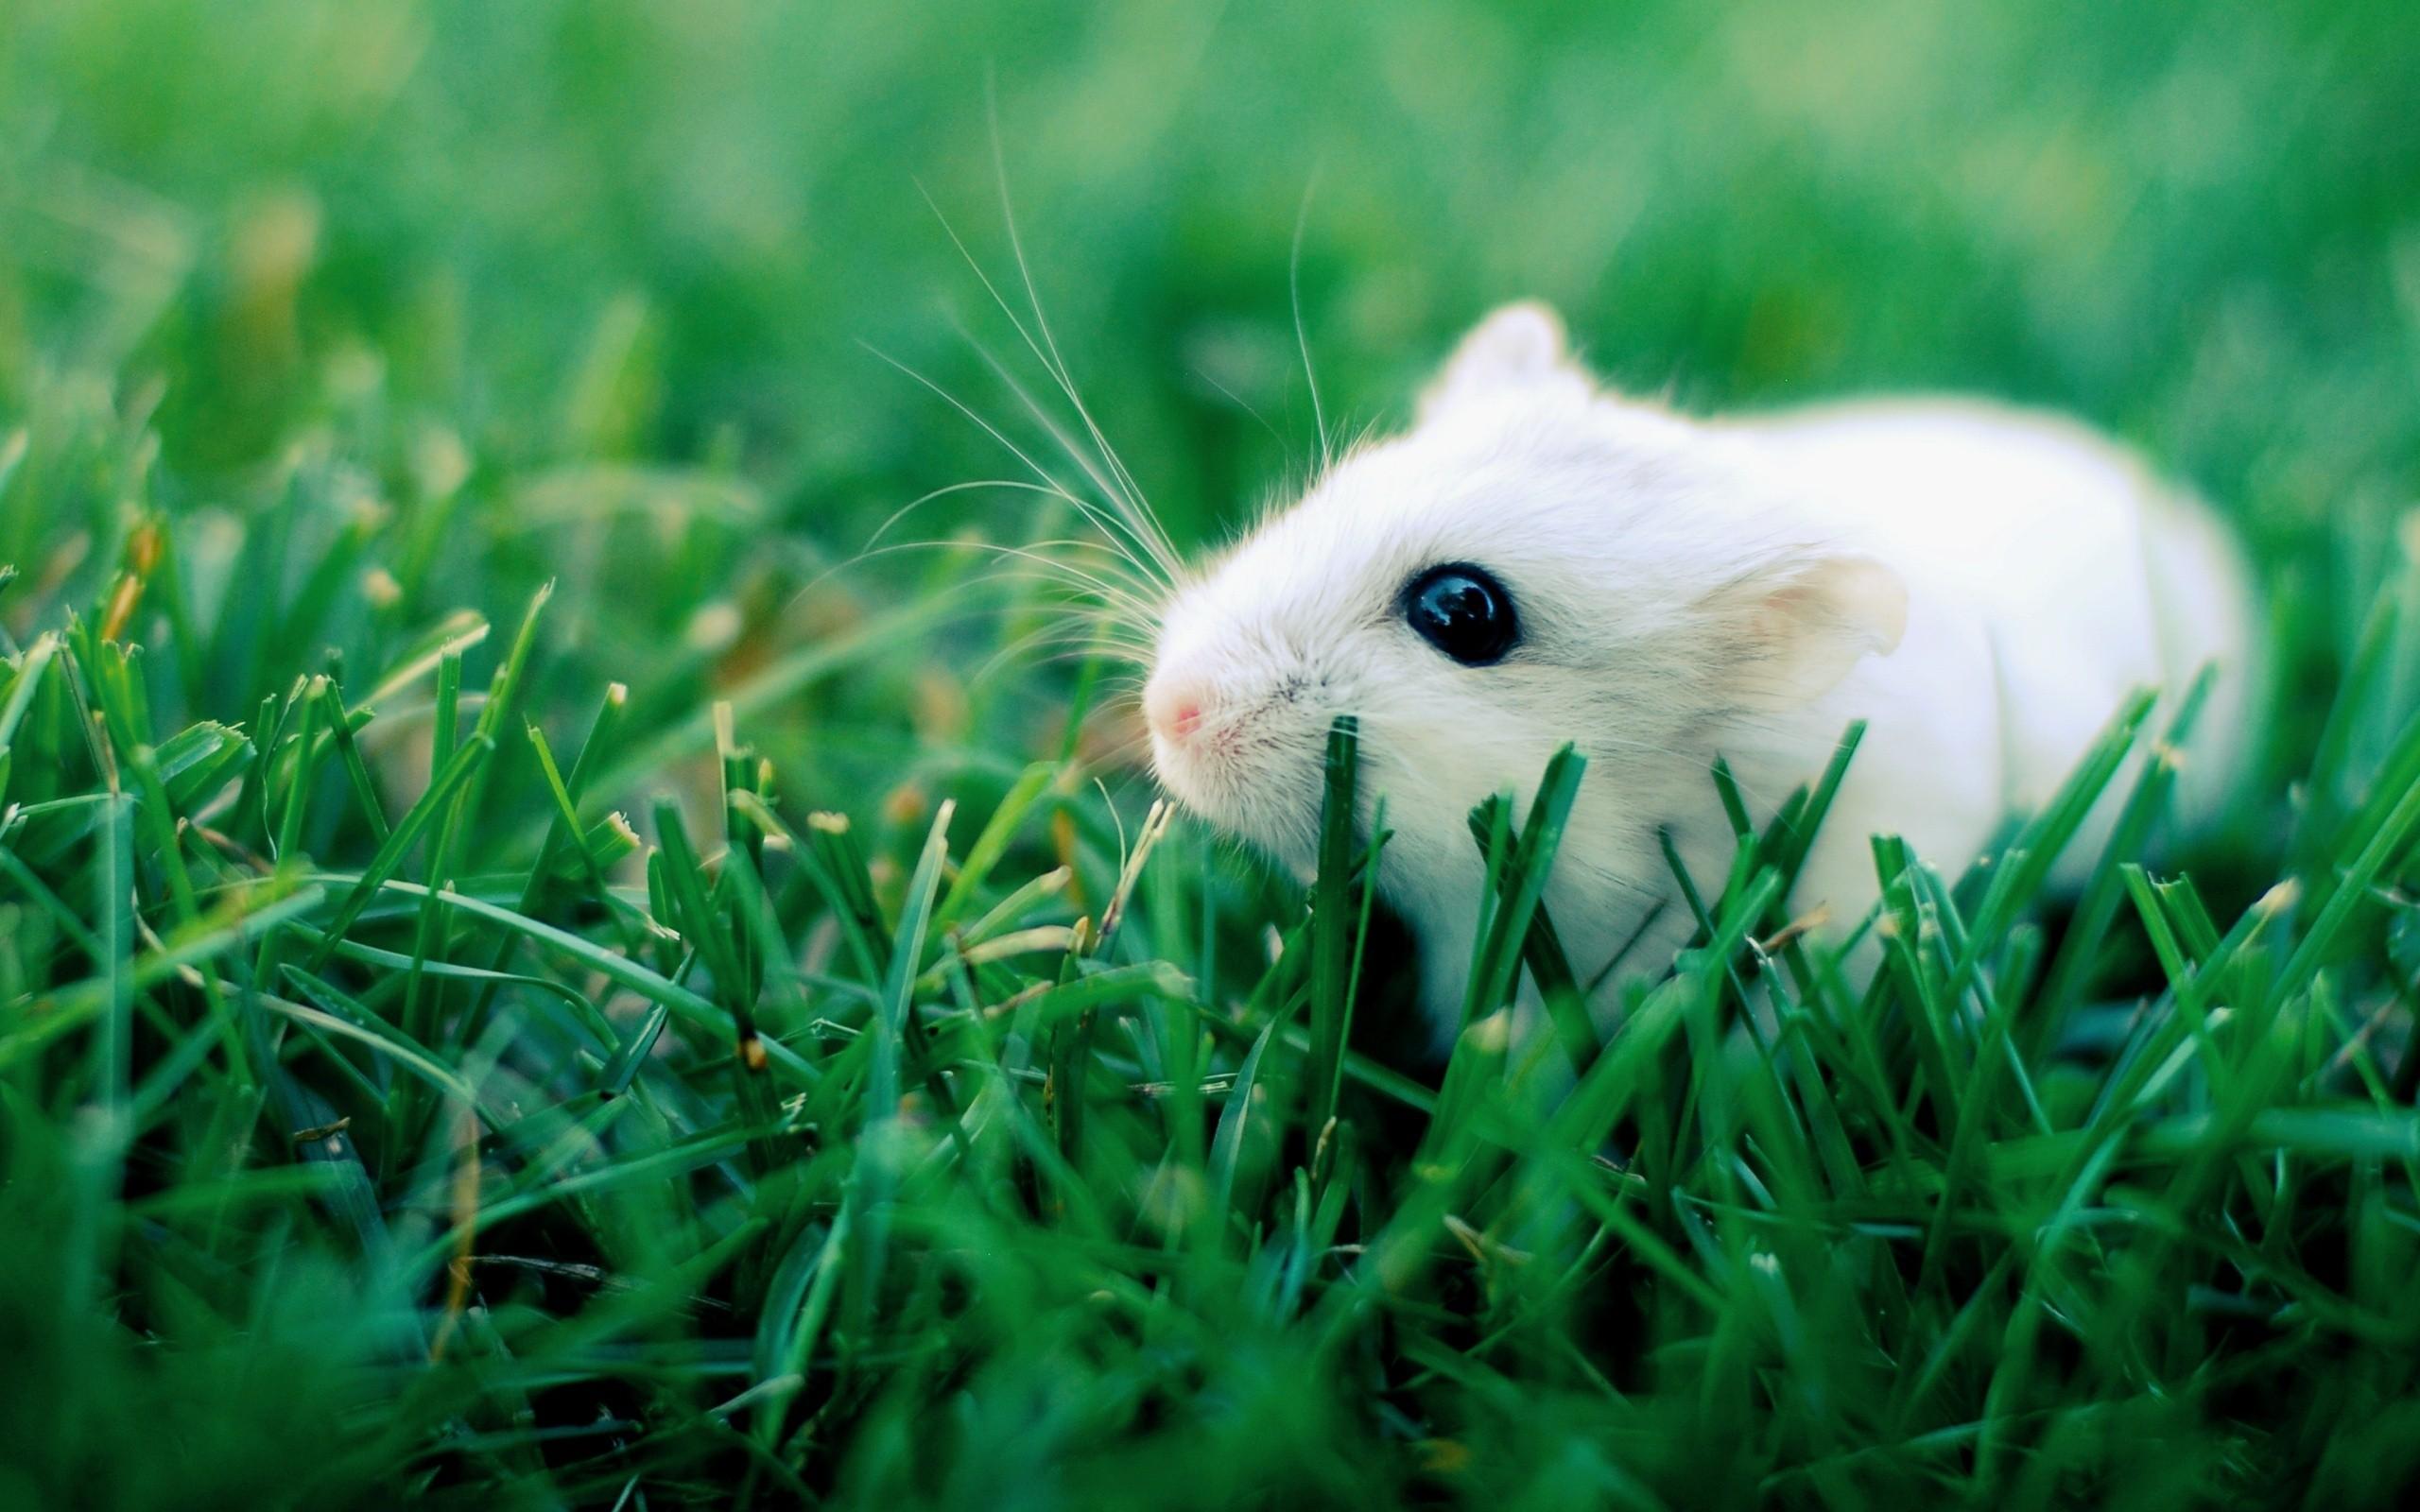 white hamster wallpaper 2560x1600 1053 wallpaperup